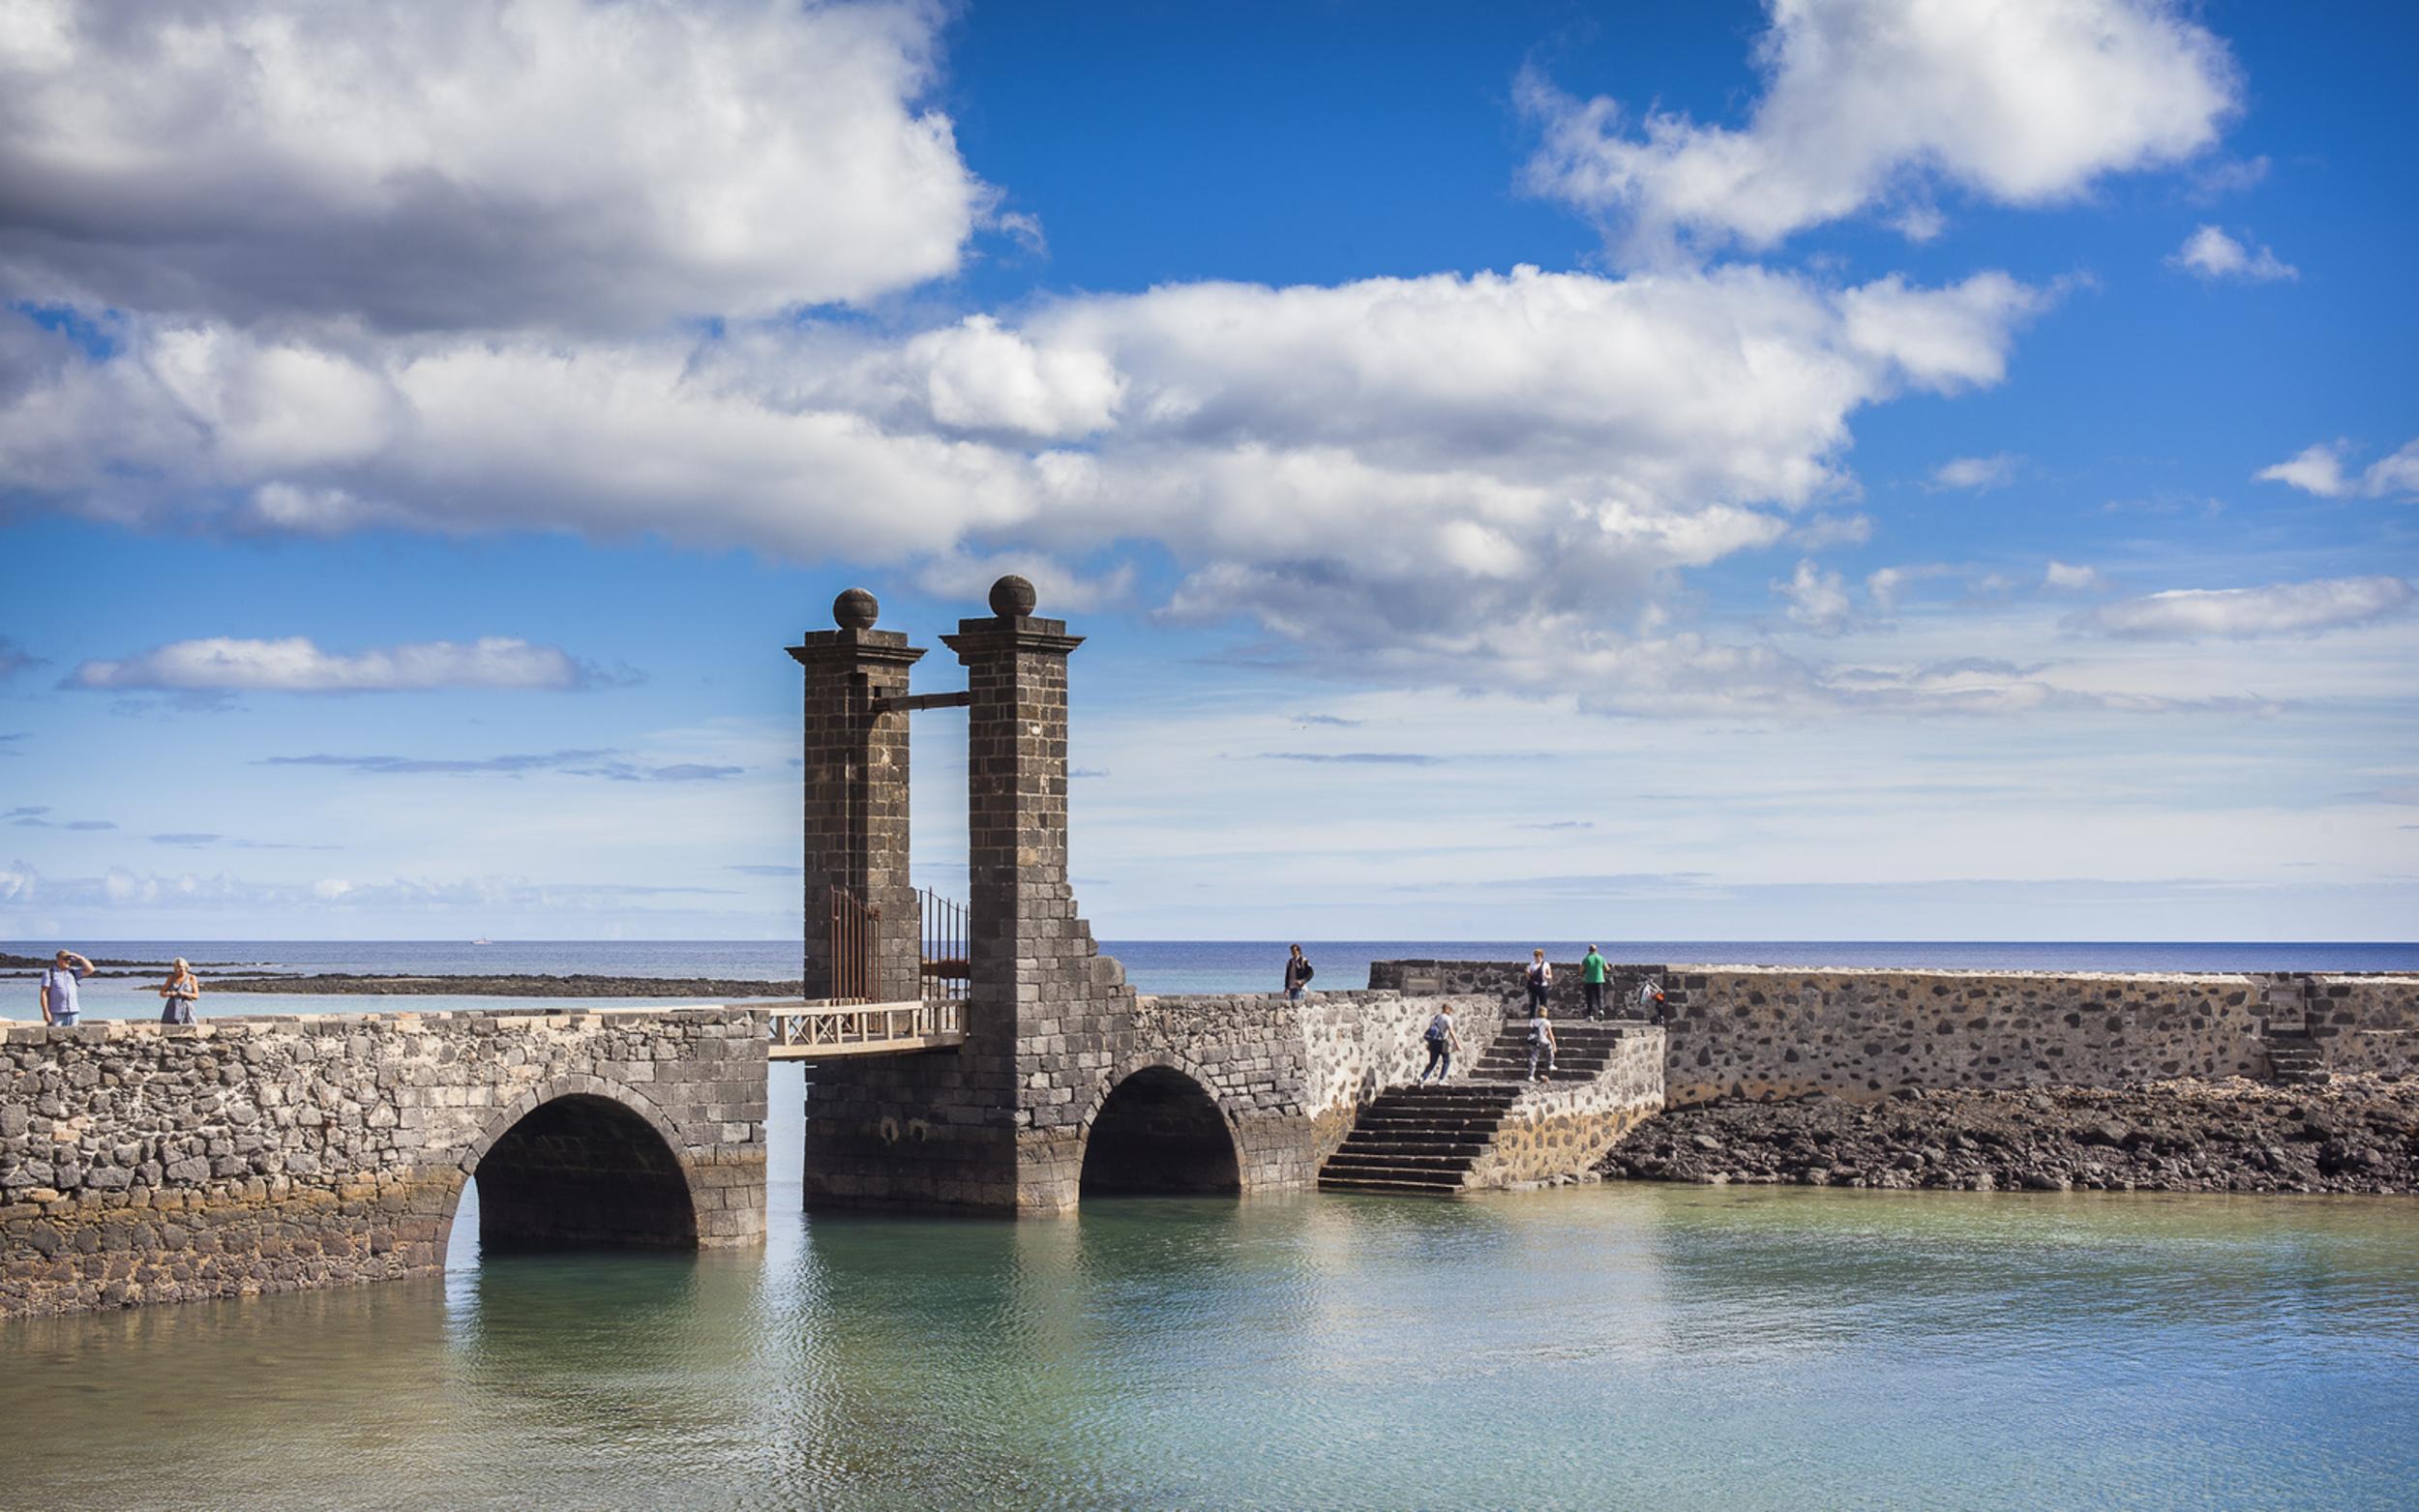 El Puente de las Bolas